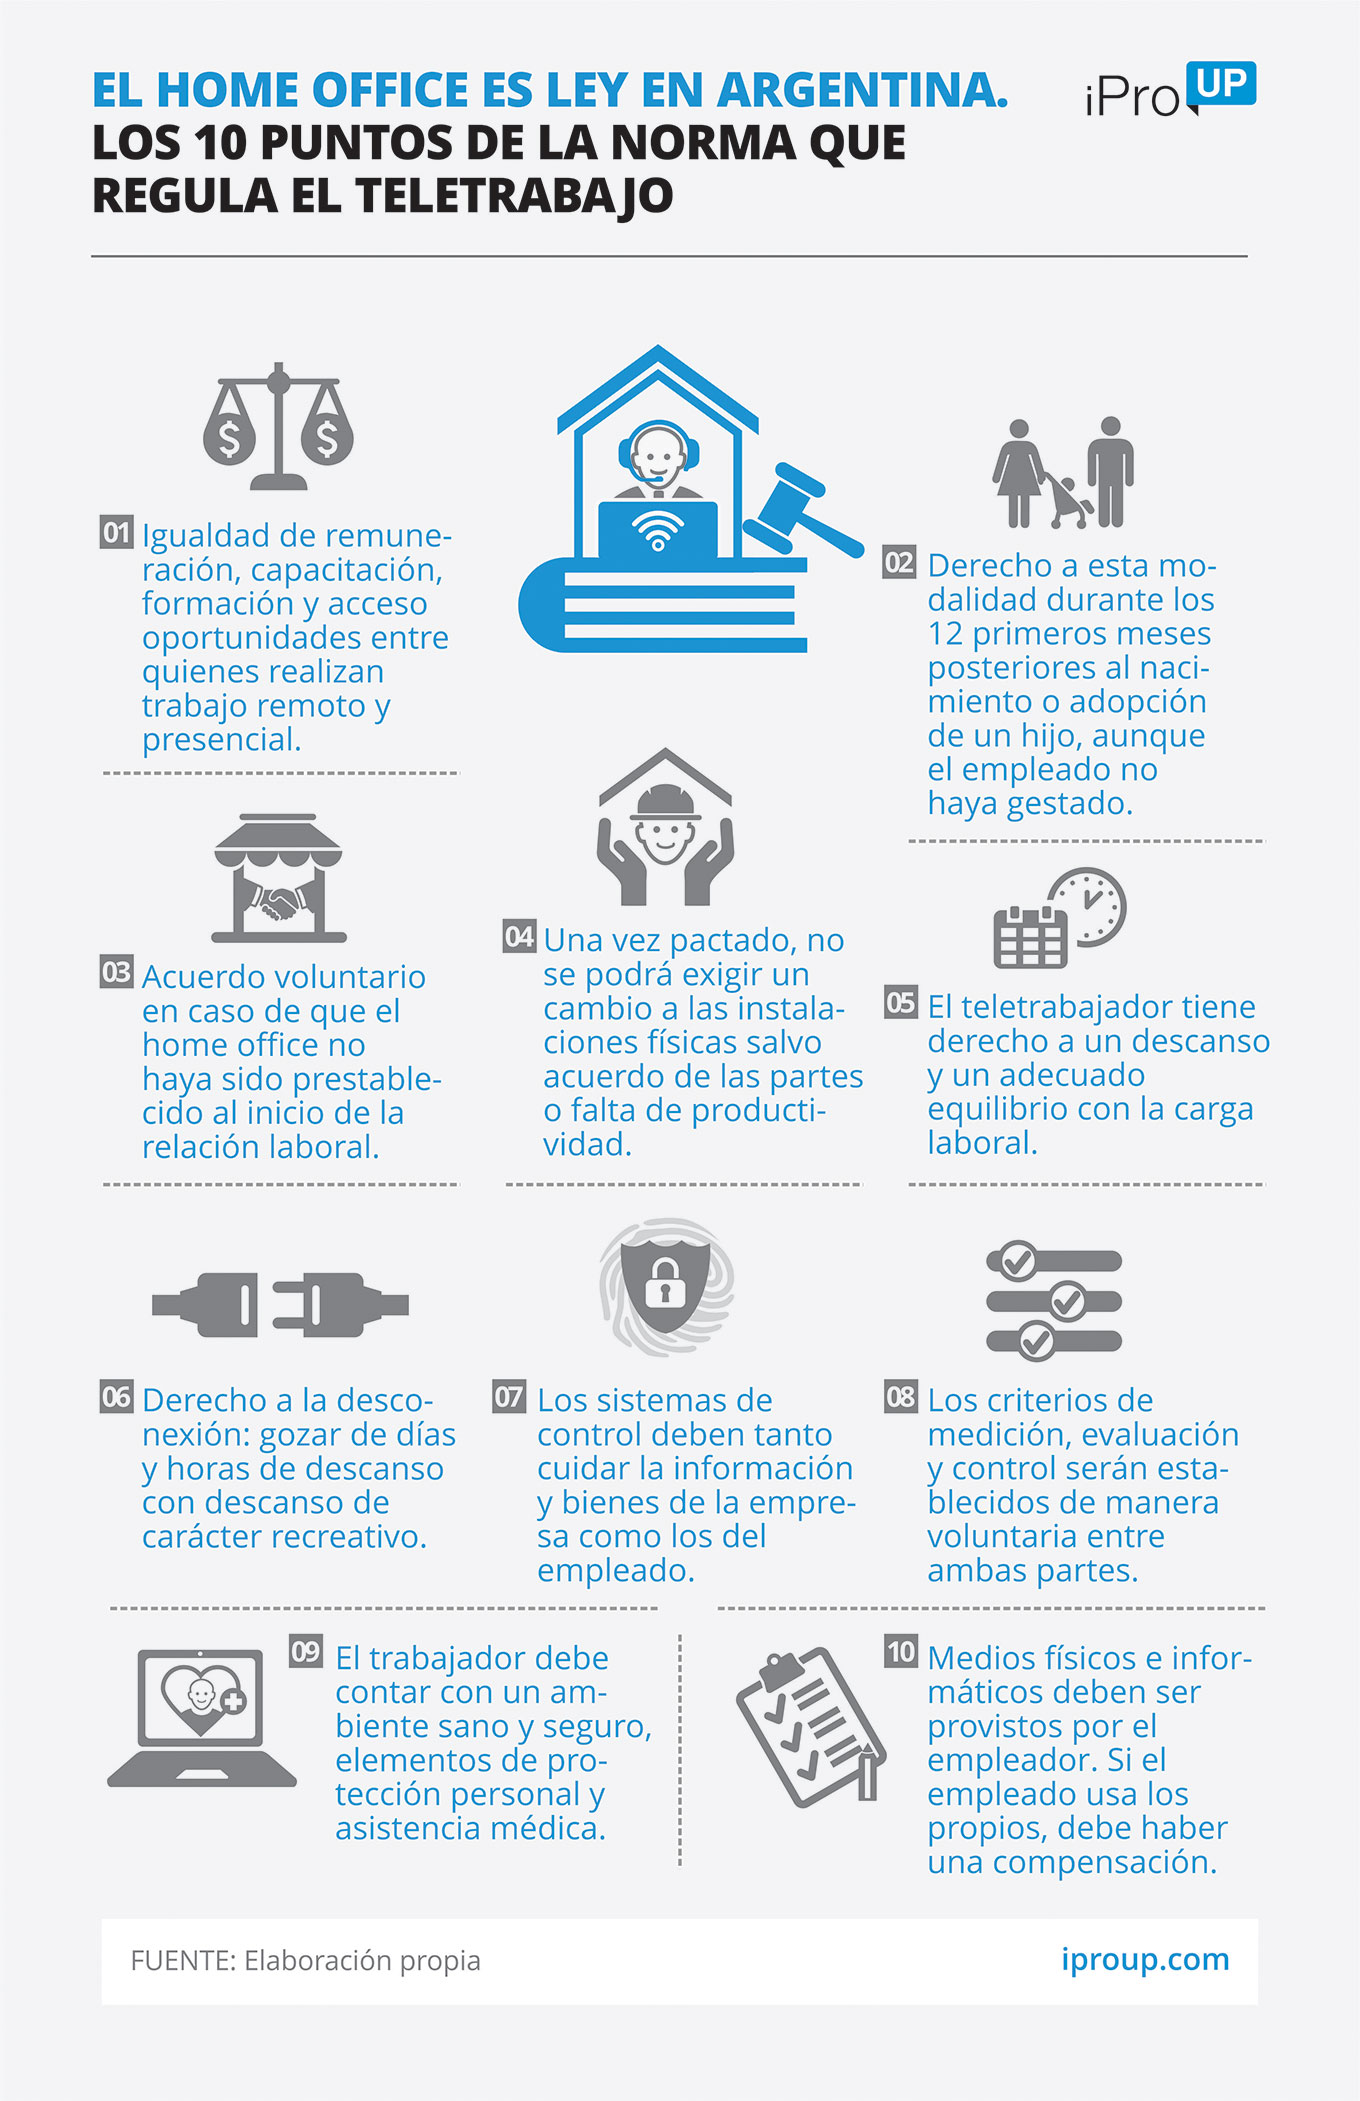 Puntos principales de la ley del teletrabajo